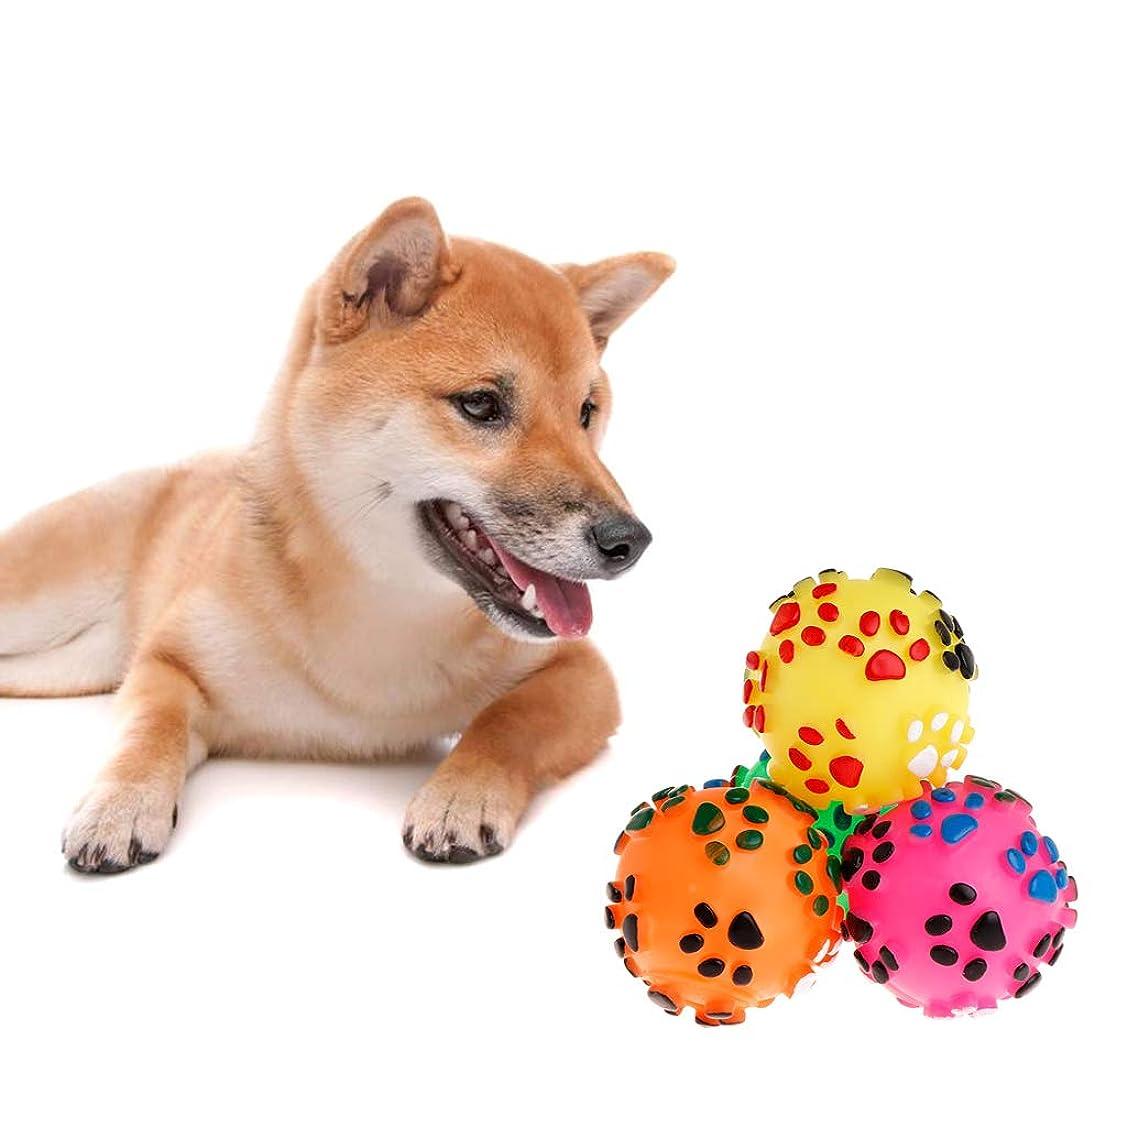 最も遠い優れた怪物Yhiptop ペットのおもちゃボールラバーソフトフットプリントボールプレイインタラクティブ犬子犬猫マッサージきしむ臼歯噛む噛むおもちゃ用品